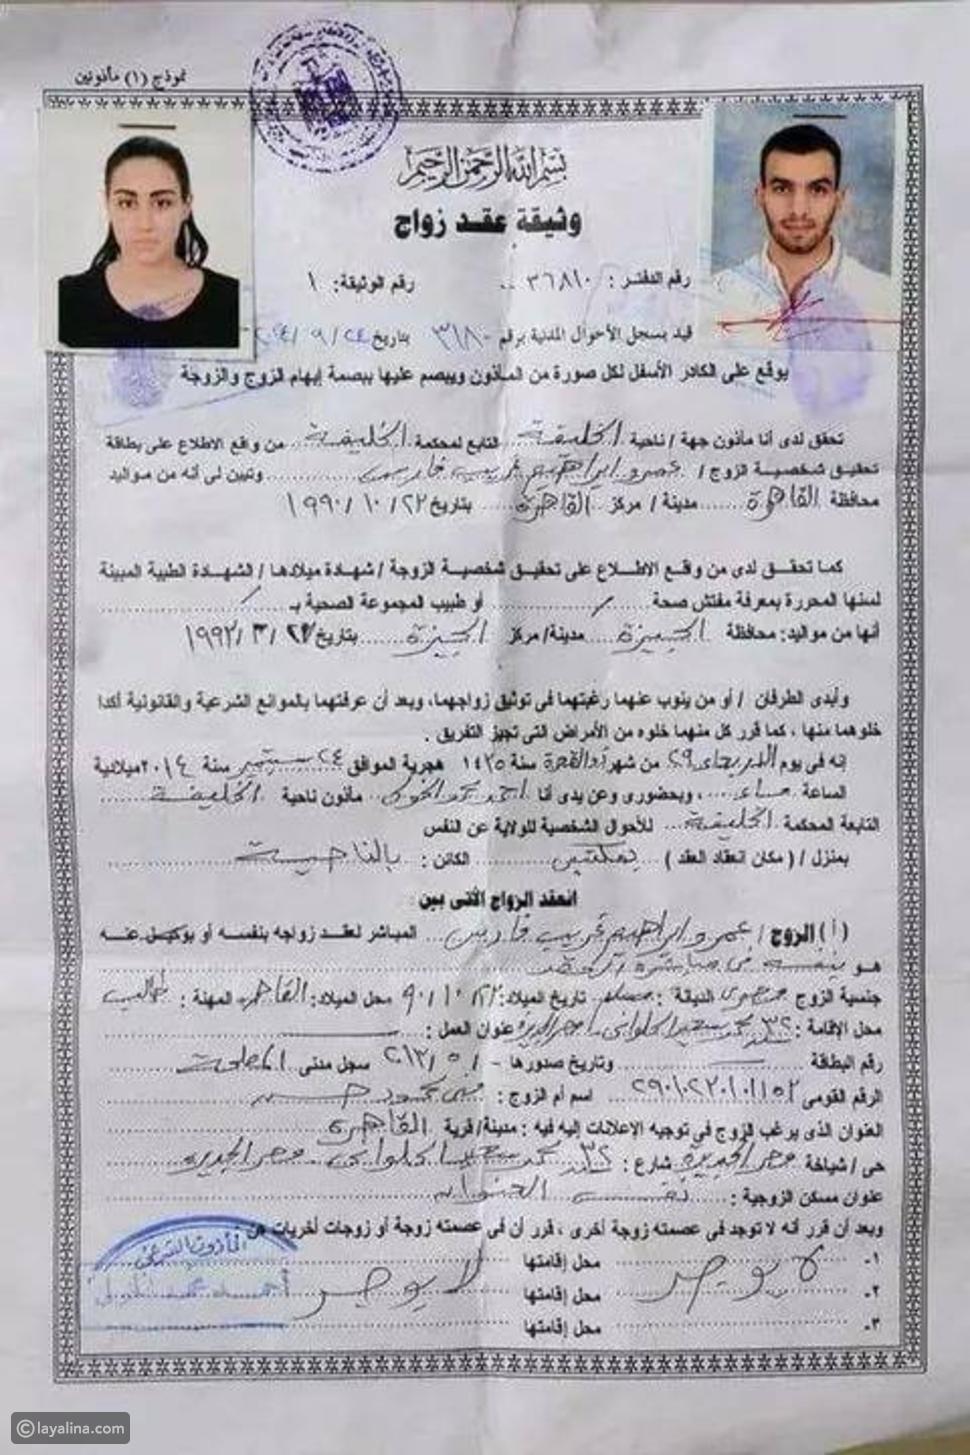 حبس نازلي ابنة نهى العمروسي